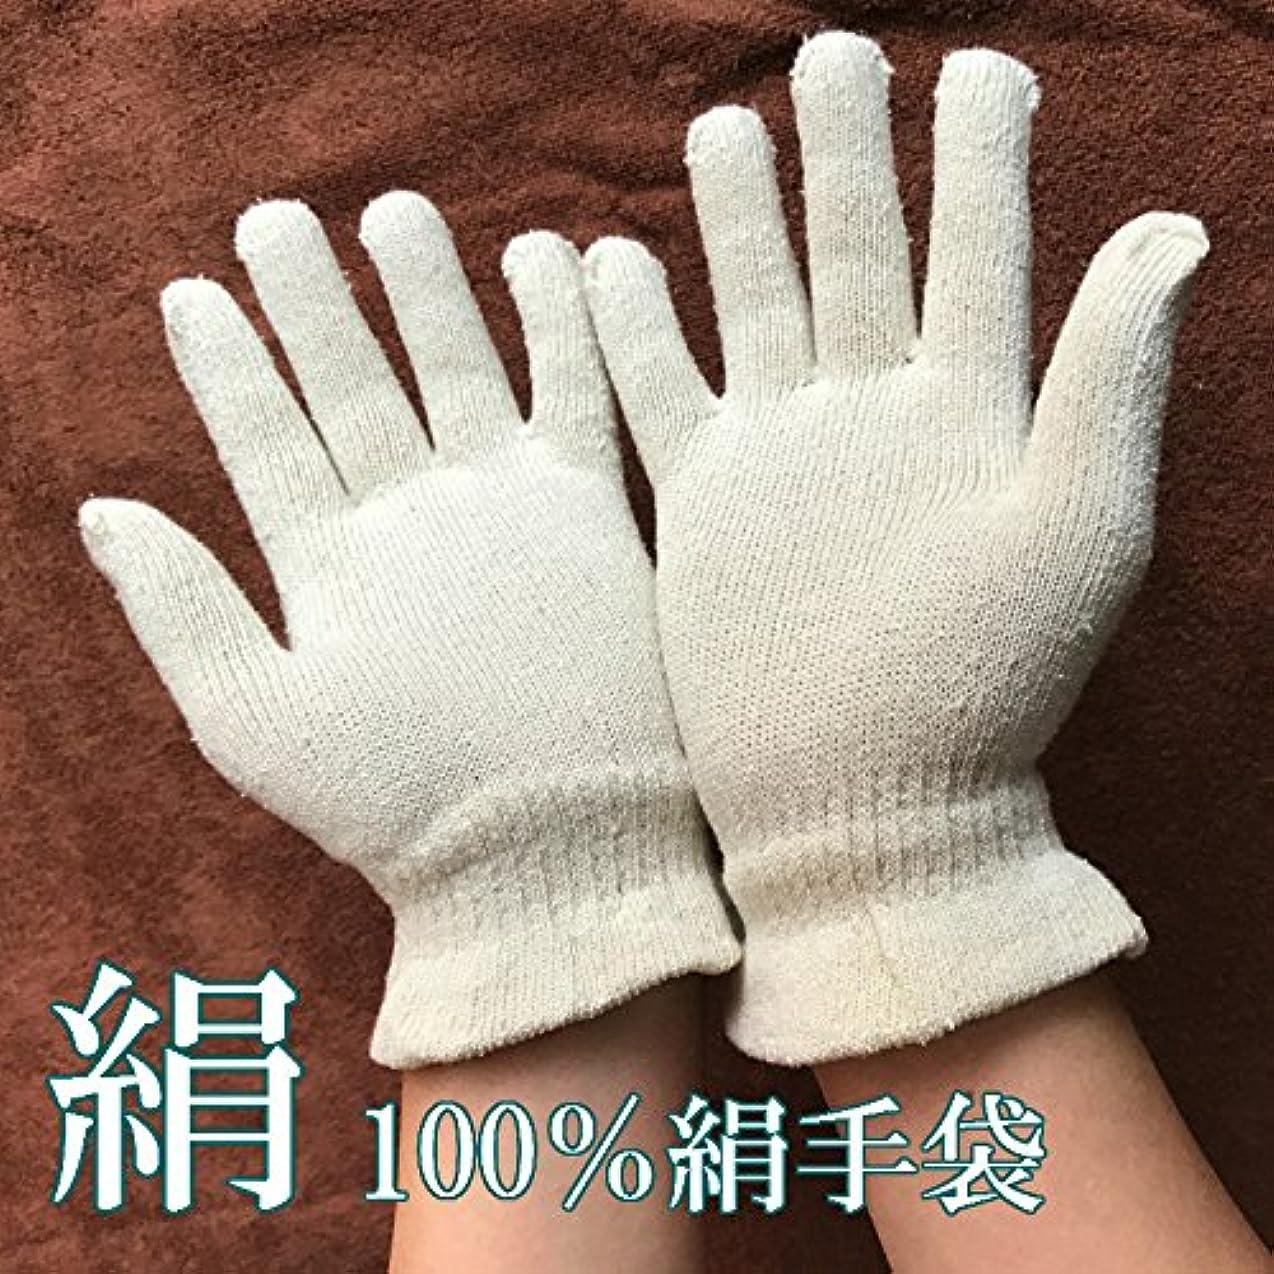 期待する延期する倒錯絹手袋 シルク手袋 ガルシャナ アーユルヴェーダ